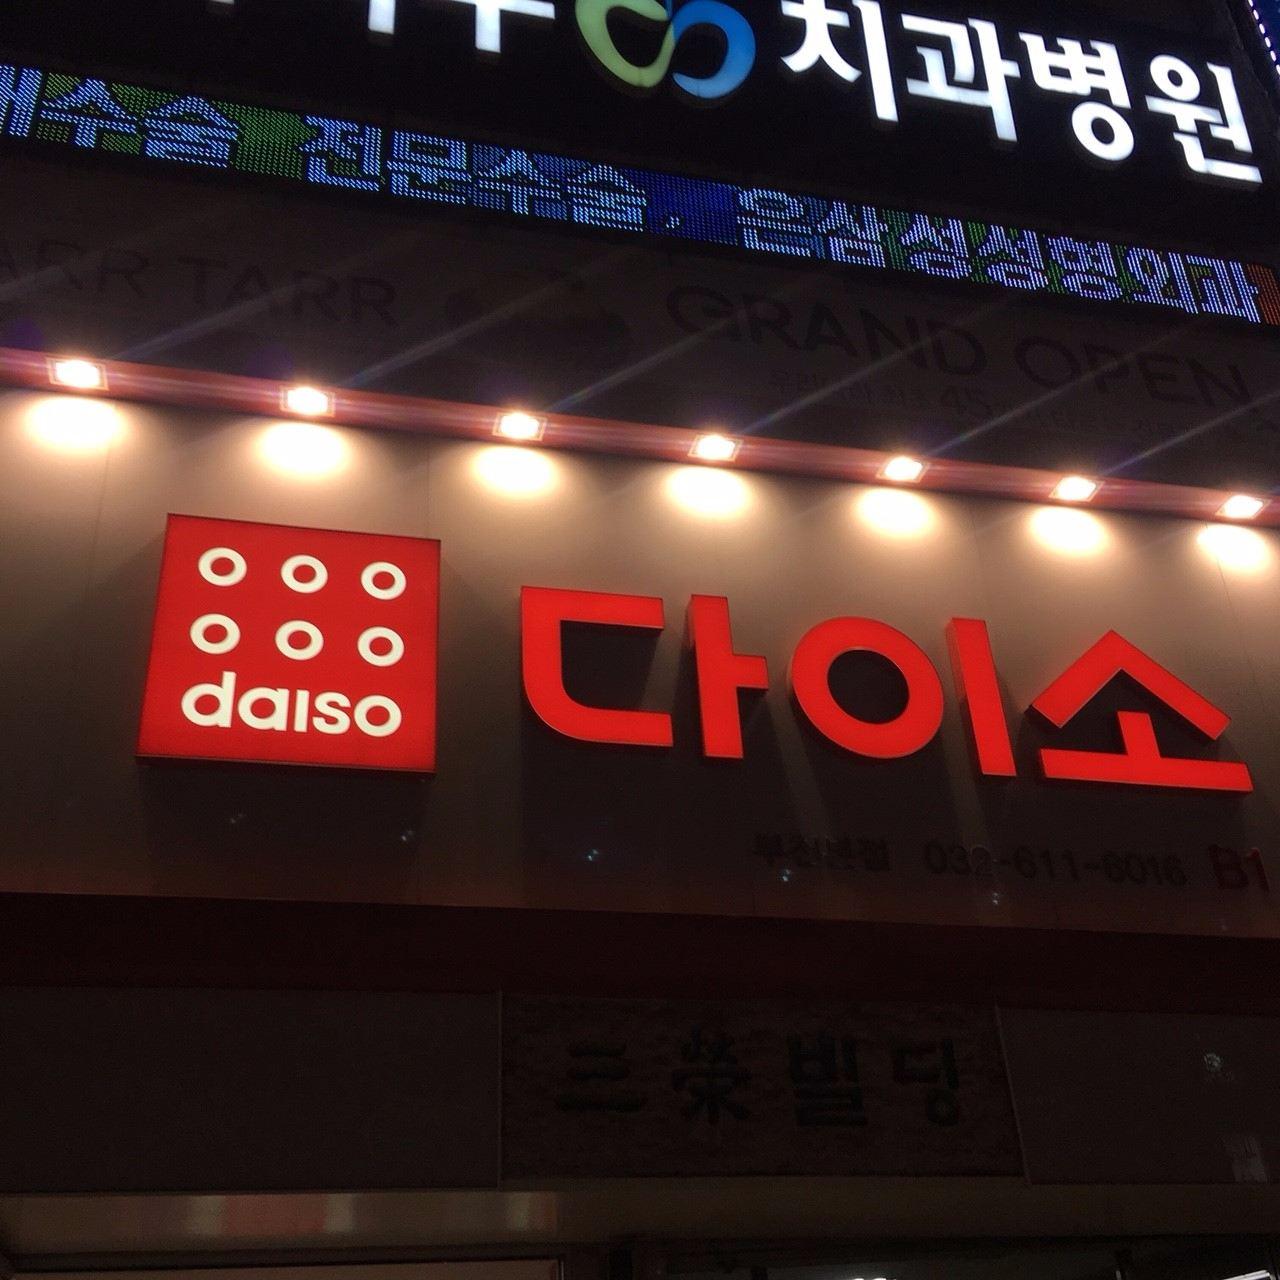 韓國的DAISO就是台灣的大創,已非常實惠的價格販賣日常用品~~ 韓國的DAISO會根據季節的變化推出當季限量商品,例如:先前的紅鶴系列、樹葉系列,每一款都超級燒~~~